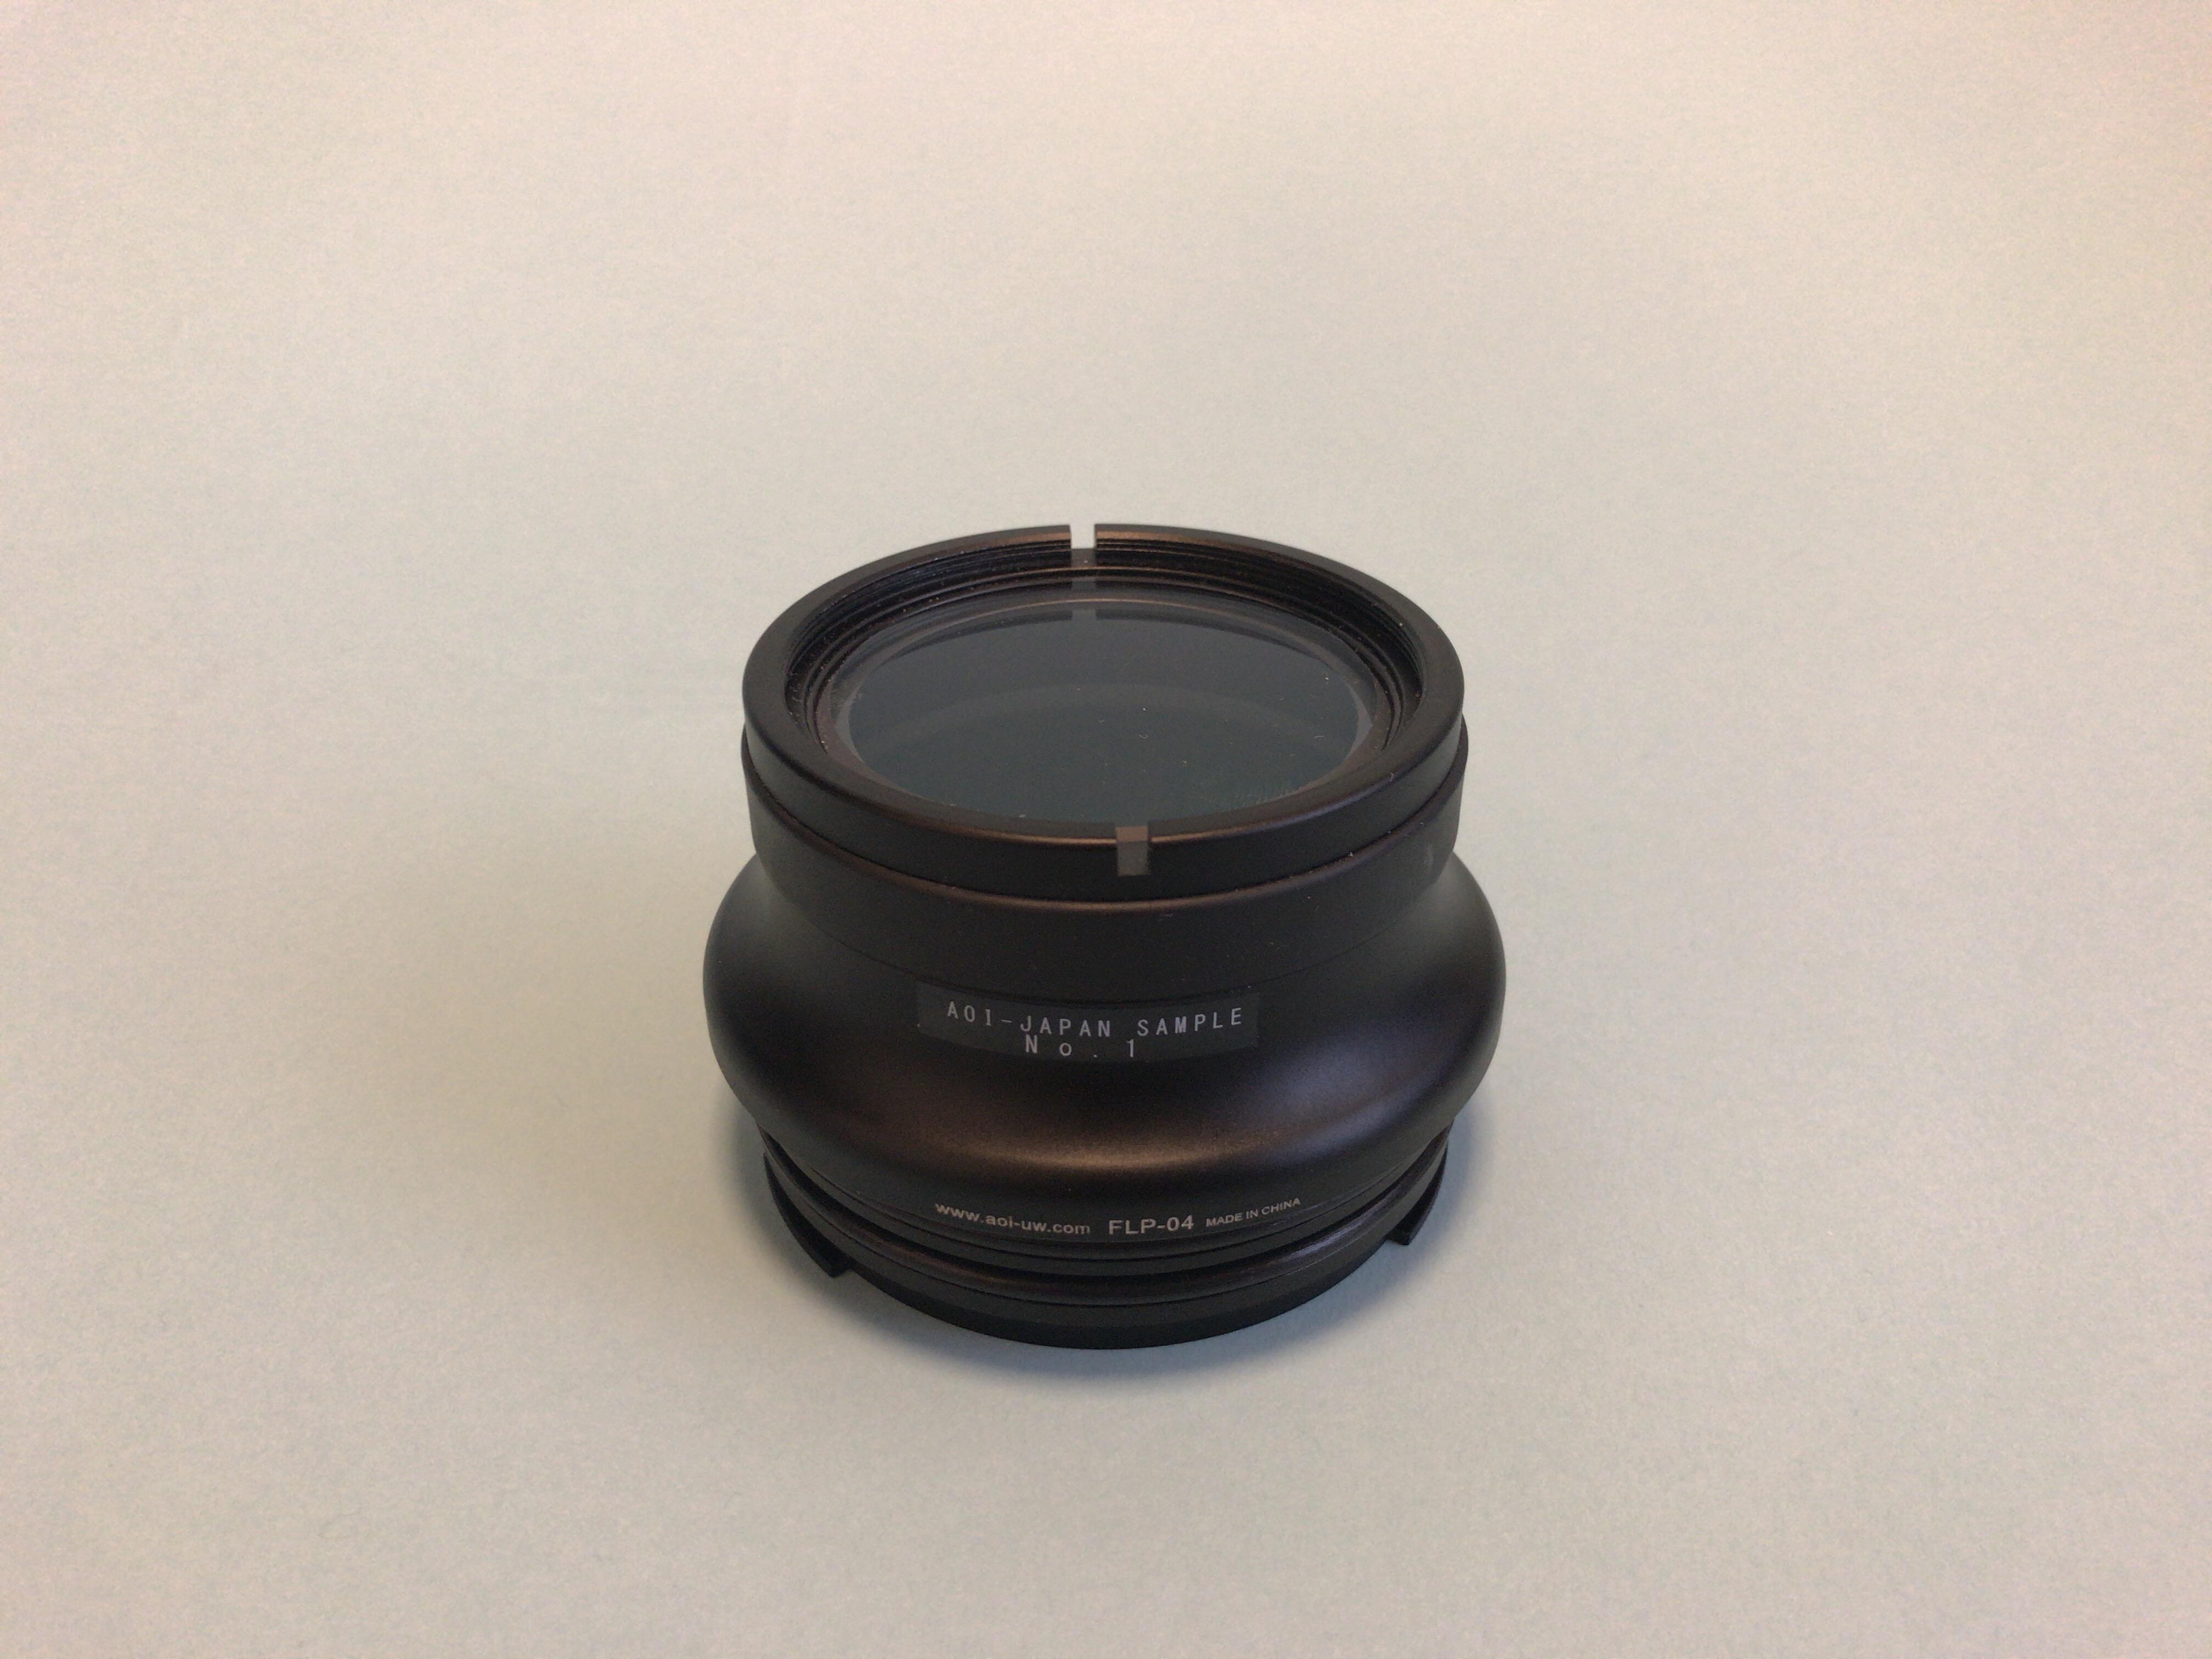 【商品入荷待ち】FLP-04/PEN(30mm Macro用ポート)